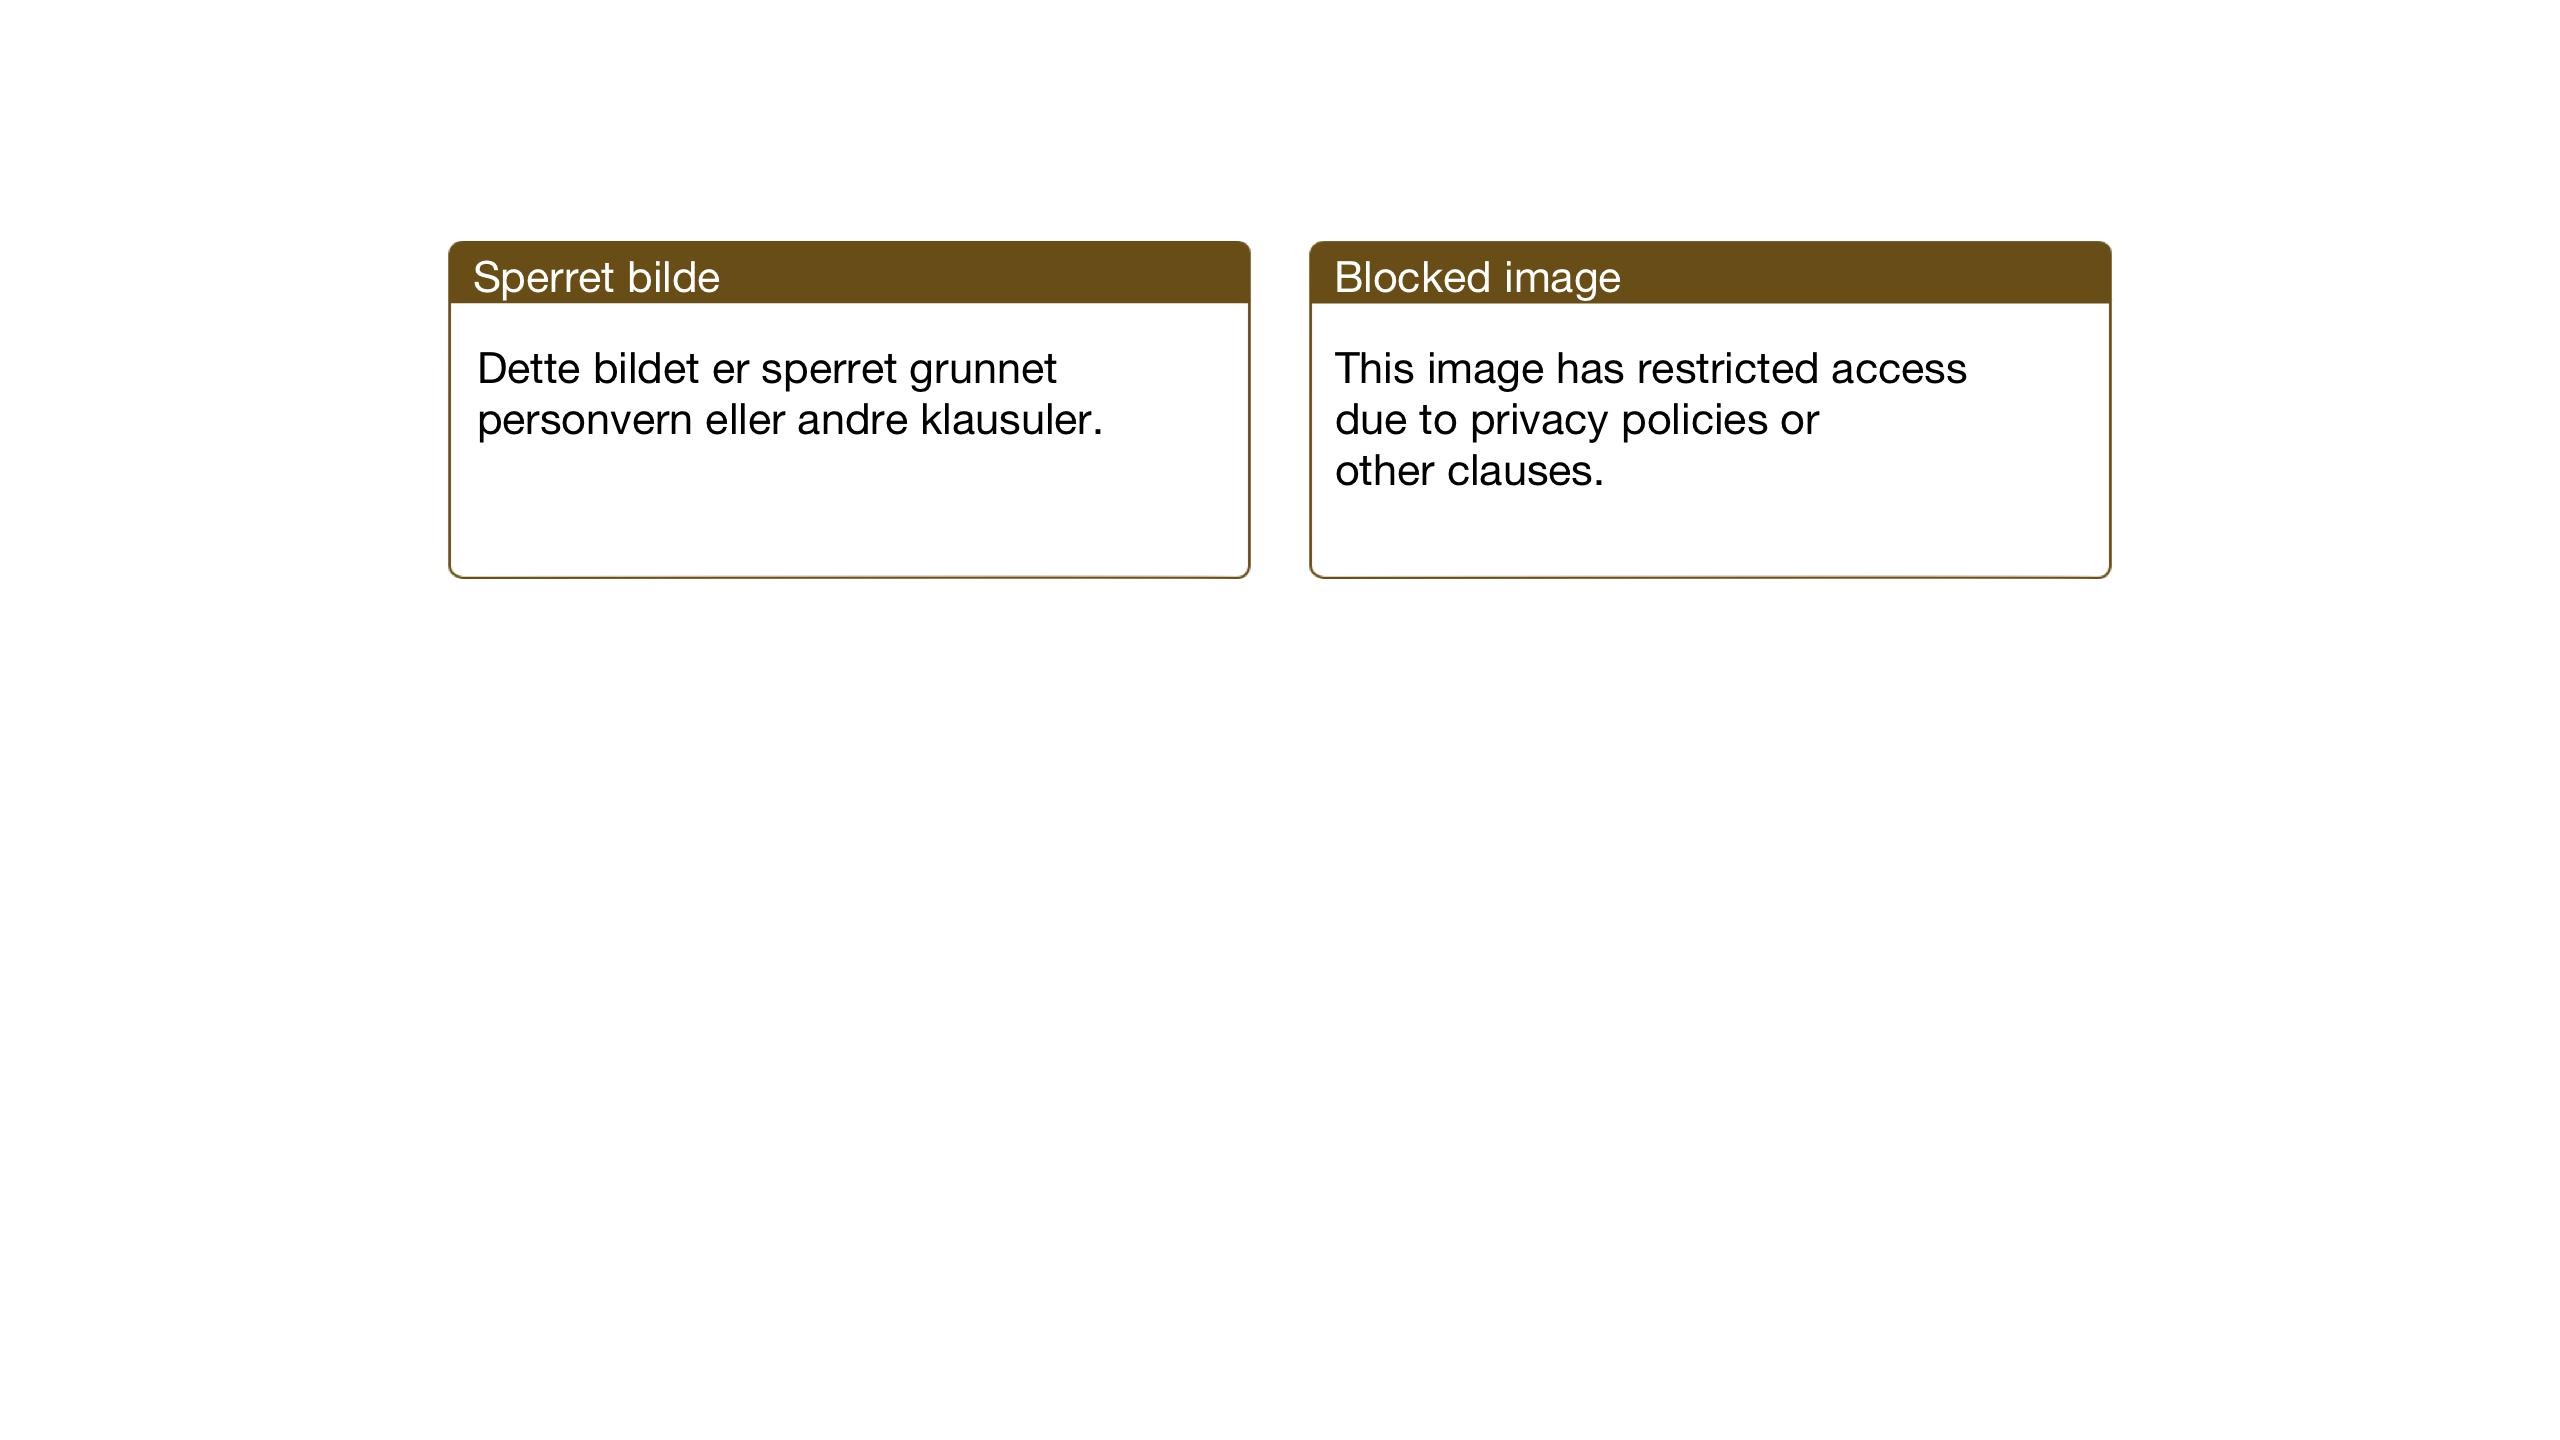 SAT, Ministerialprotokoller, klokkerbøker og fødselsregistre - Sør-Trøndelag, 656/L0696: Klokkerbok nr. 656C02, 1921-1937, s. 42